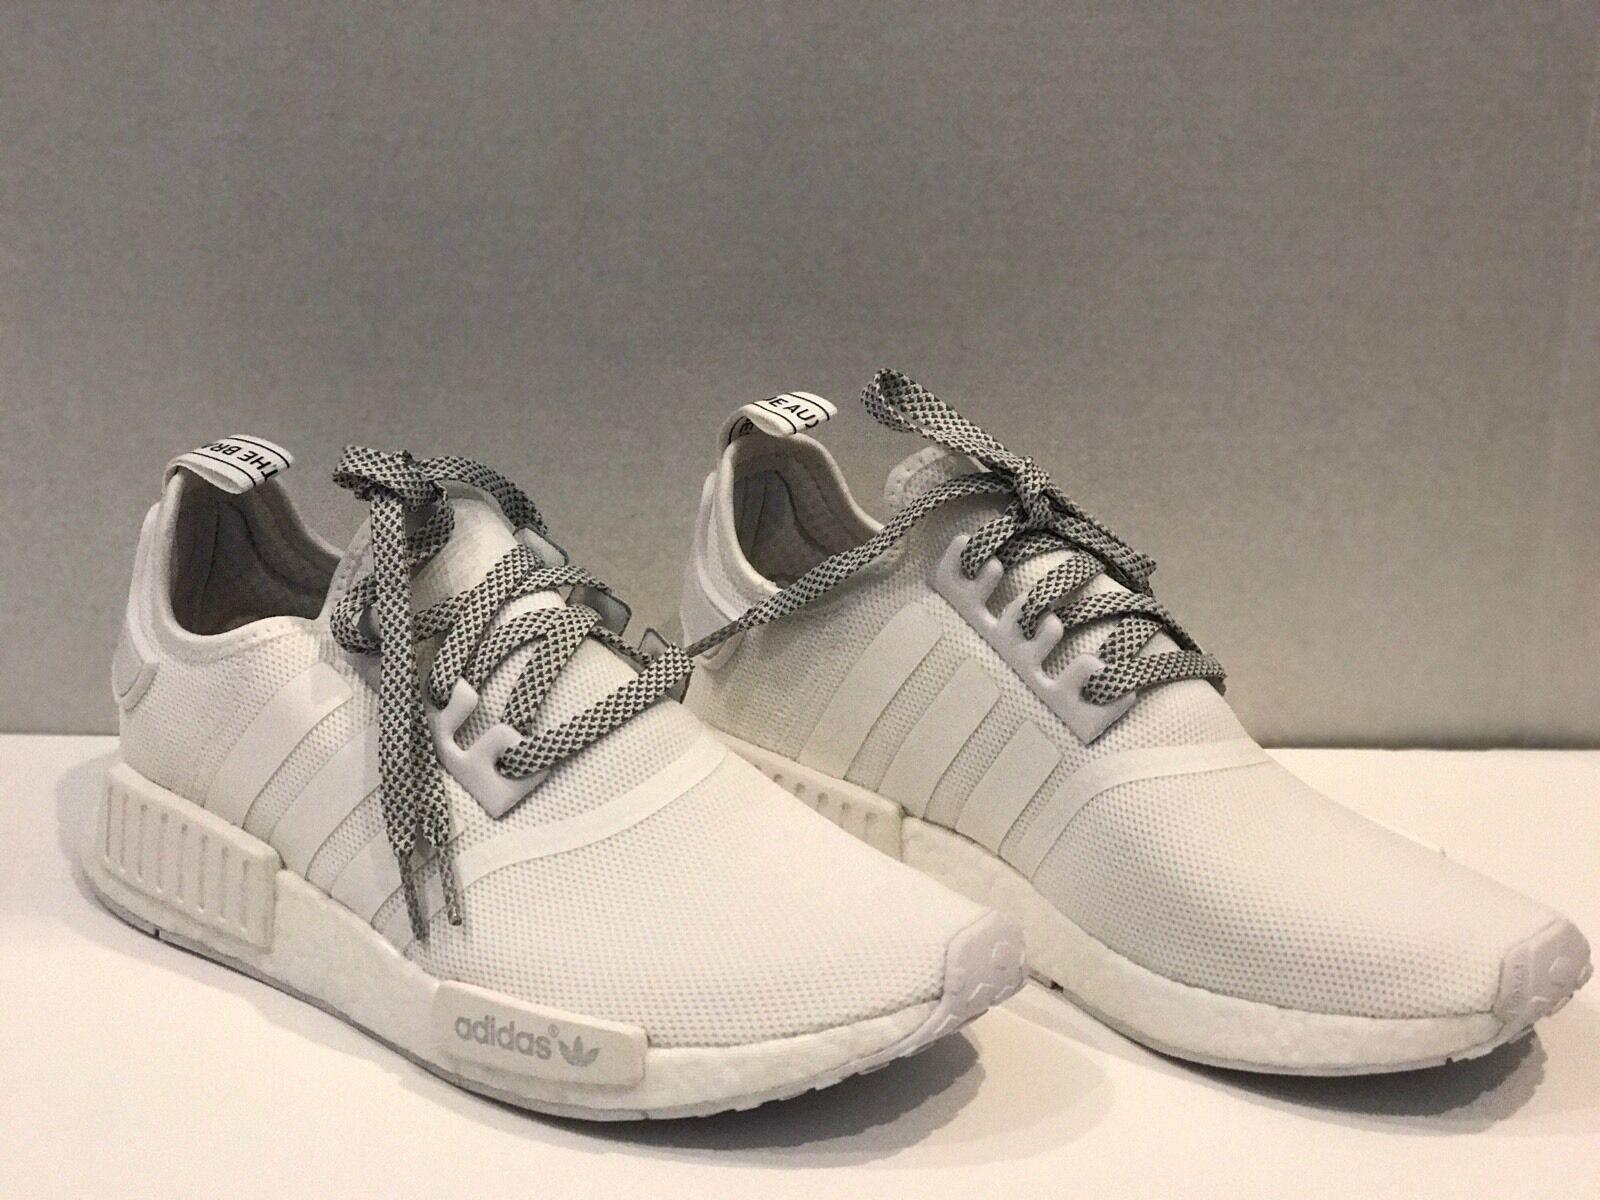 Adidas nmd riflettente r1 triplo bianco riflettente nmd monocromatico s31506 uomini dimensioni 9 3 e3c53e